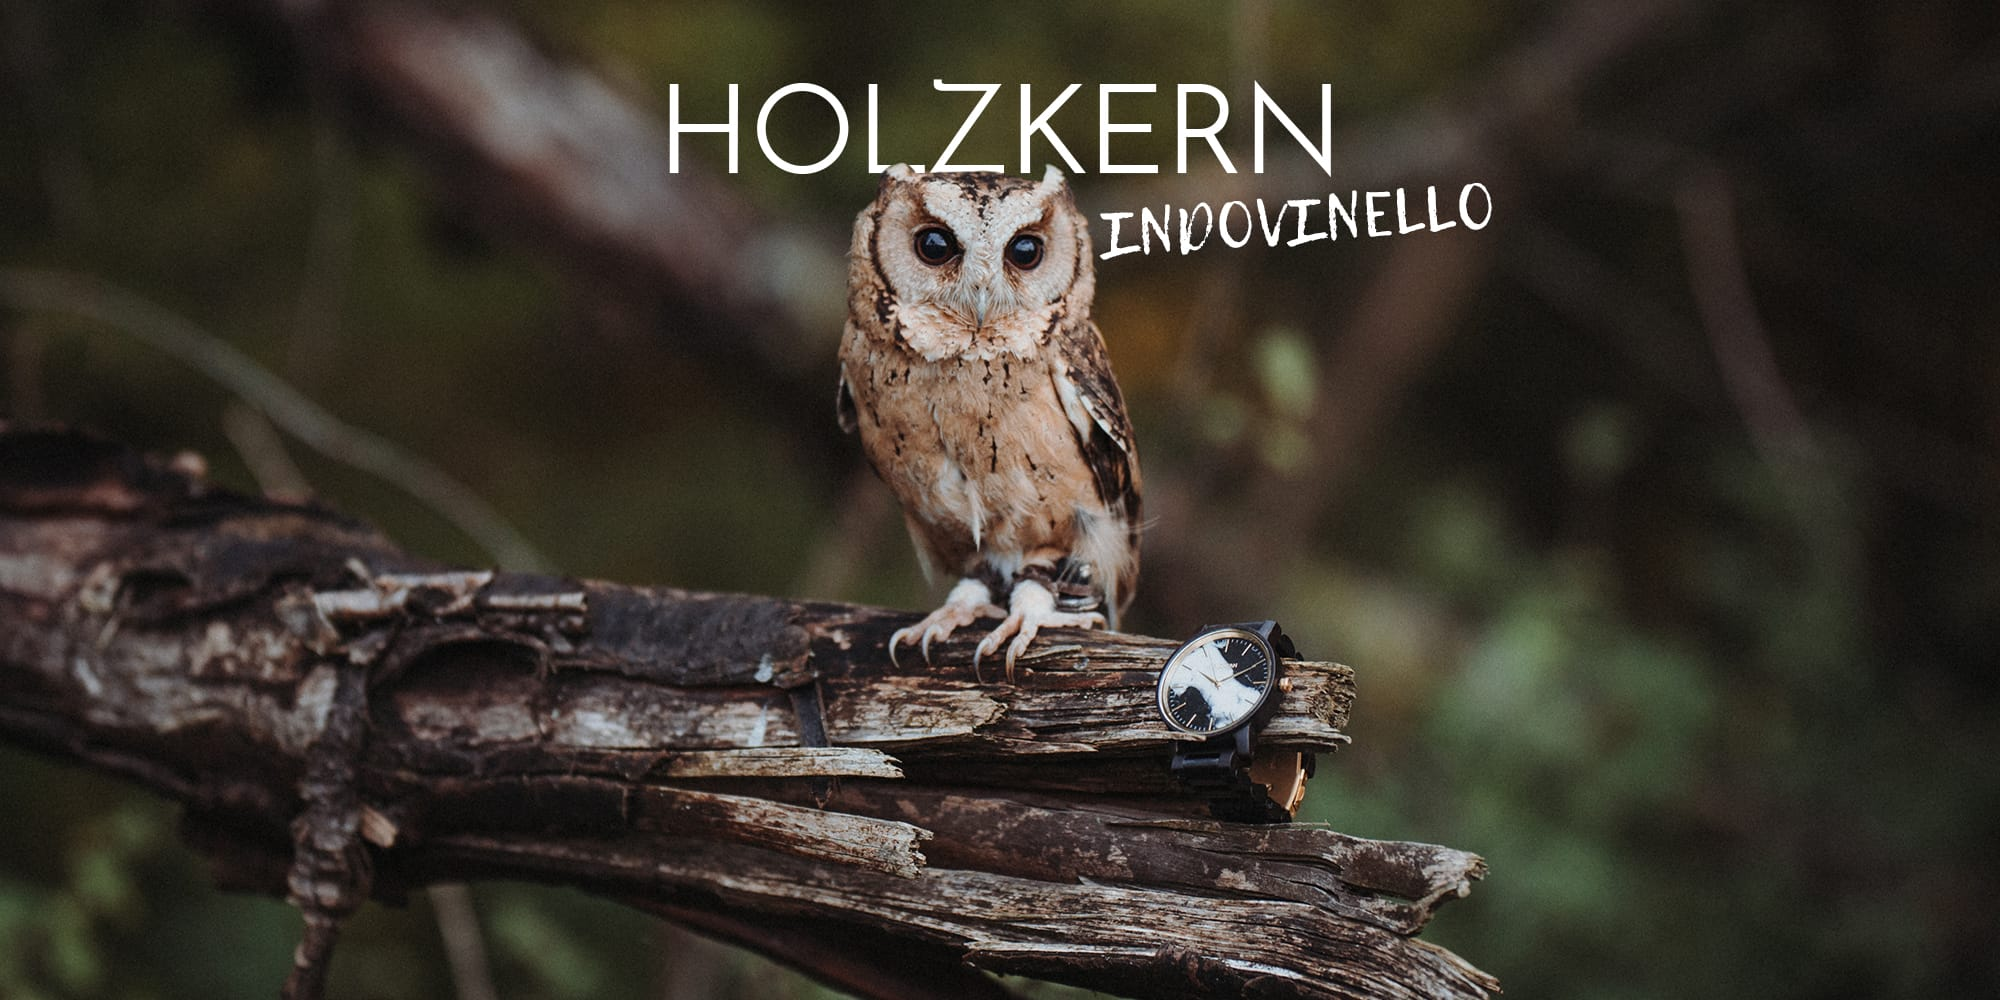 Il Grande Indovinello della Civetta di Holzkern